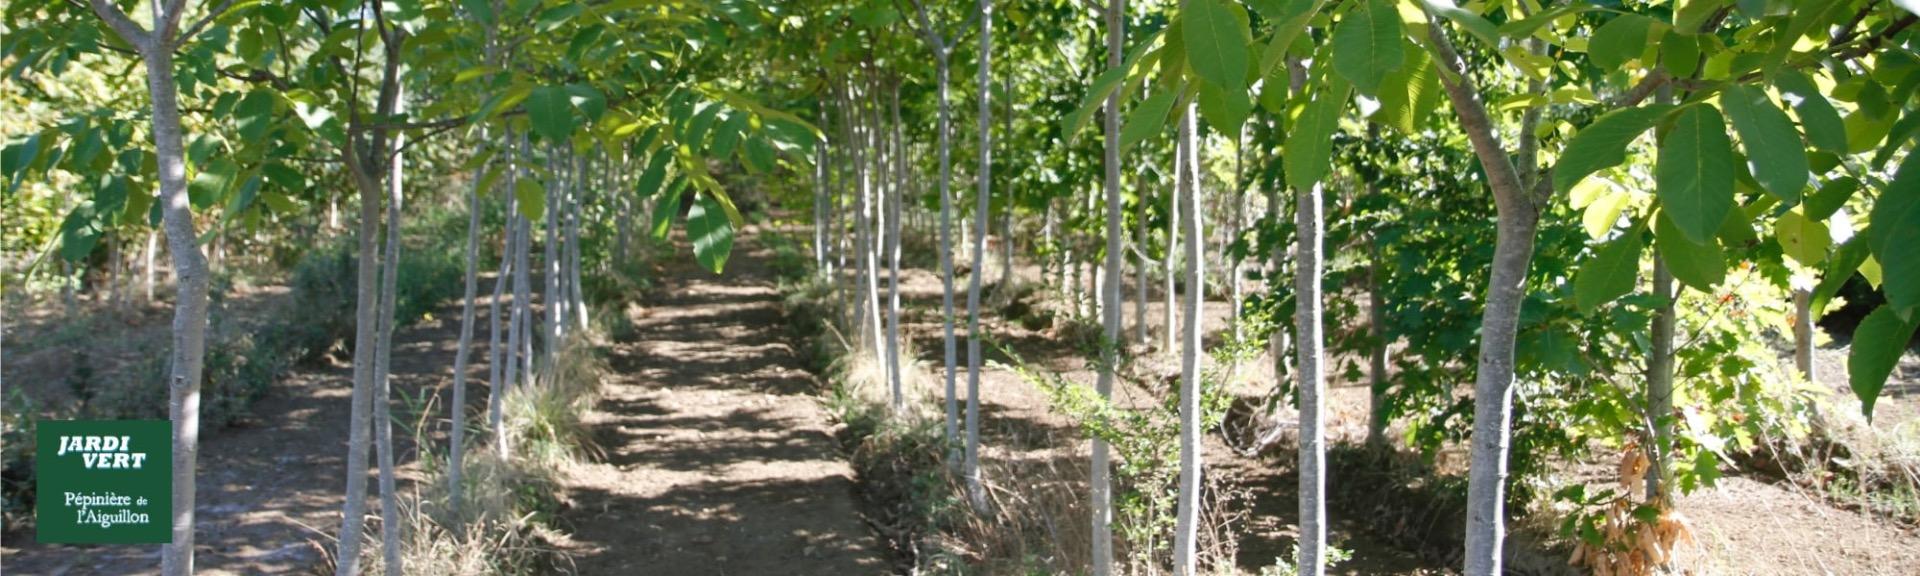 Vente de noyers et autres arbres fruitiers - jardinerie pépinière de l'aiguillon, producteur à Toulouse